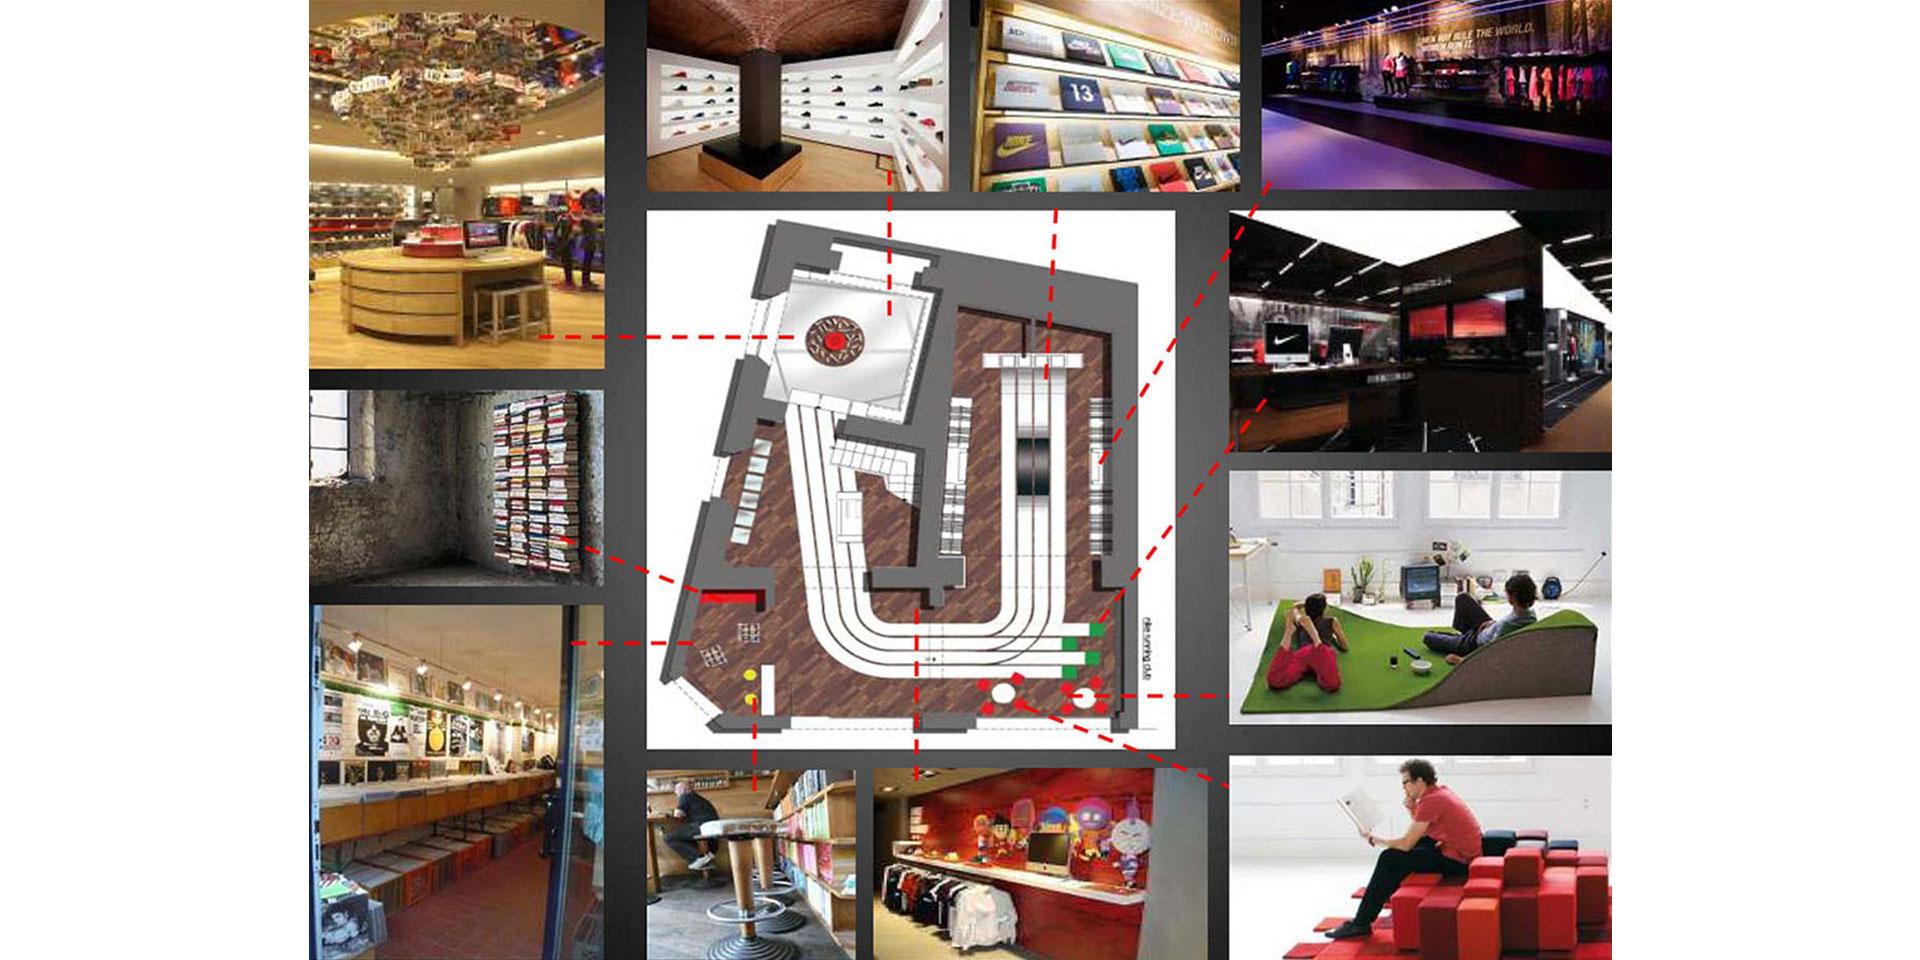 archinow_NIK_nike-stores_09